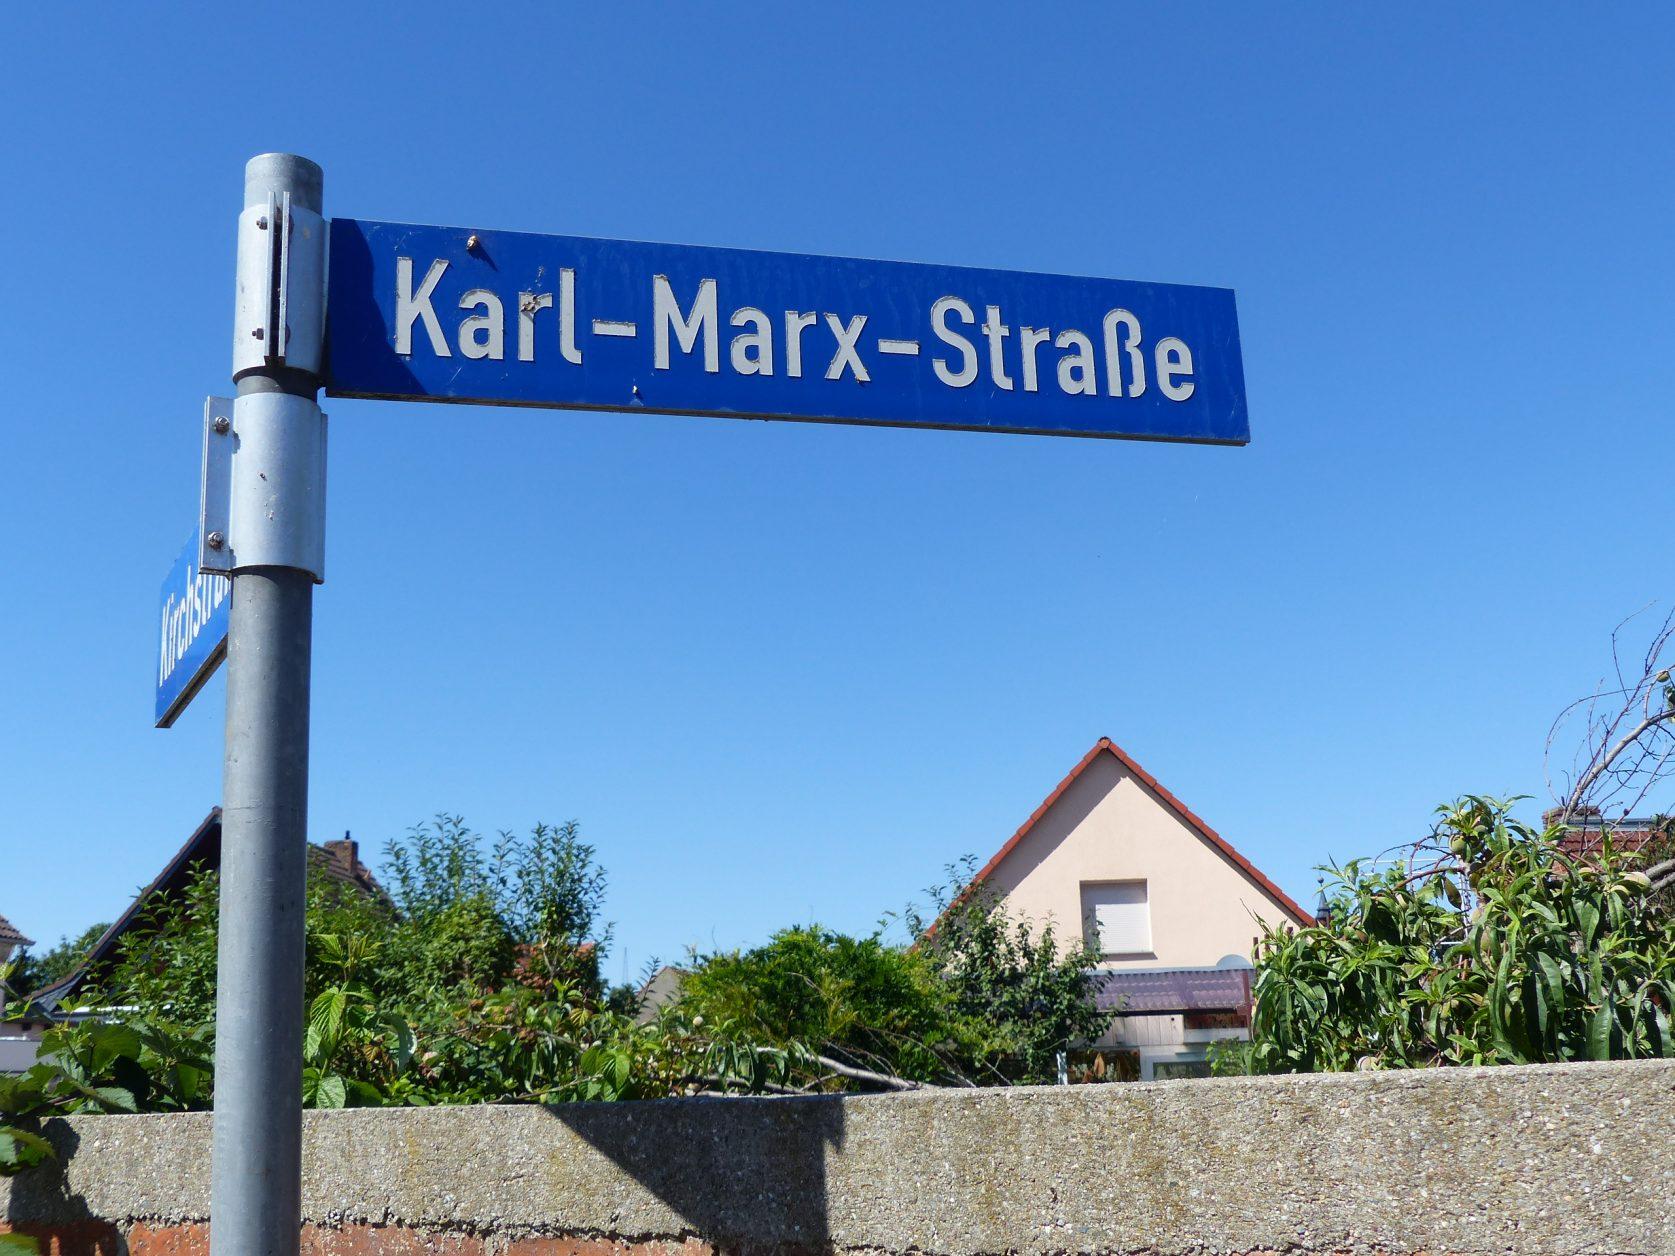 Die Hauptstraße des Ortes heißt Karl-Marx-Straße, Foto: Weirauch